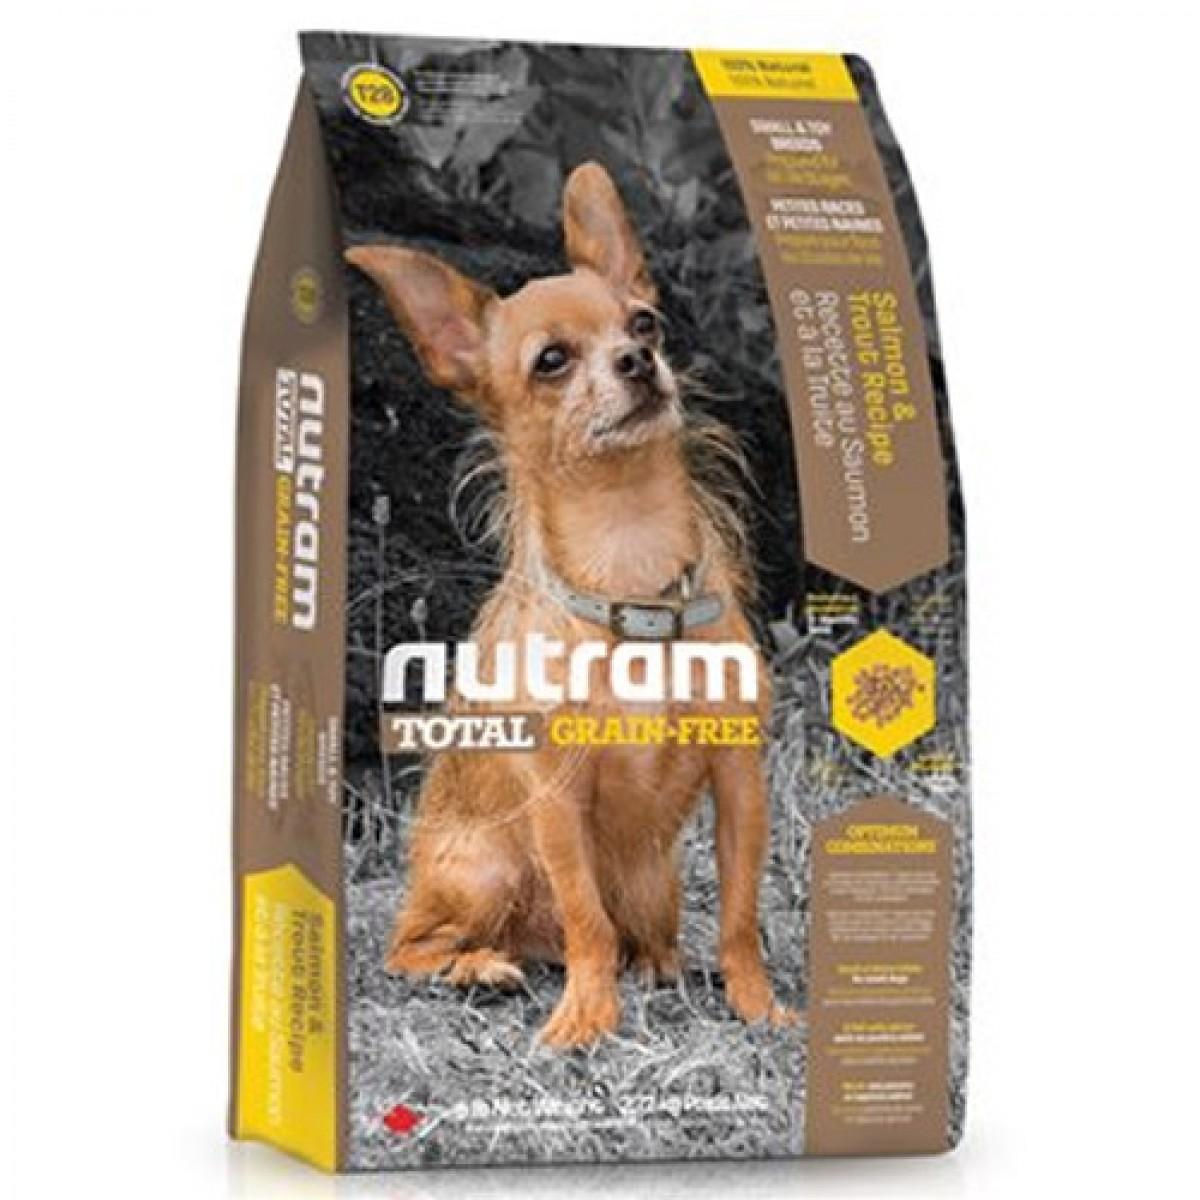 Nutram Grain Free Dog Food Reviews